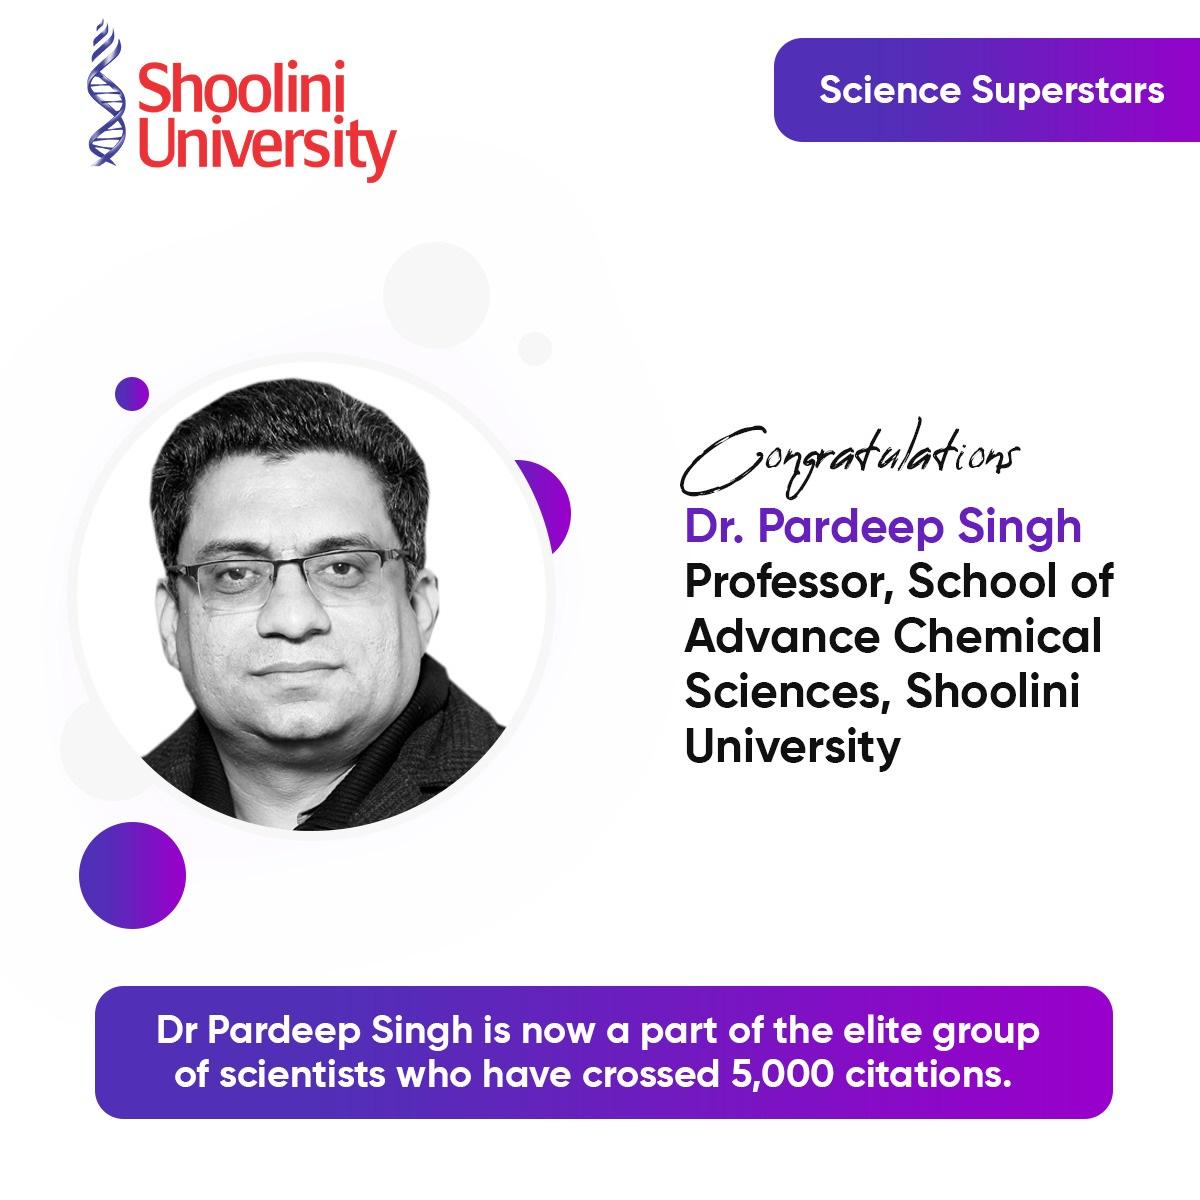 Dr Pardeep Singh crosses 5000 citations